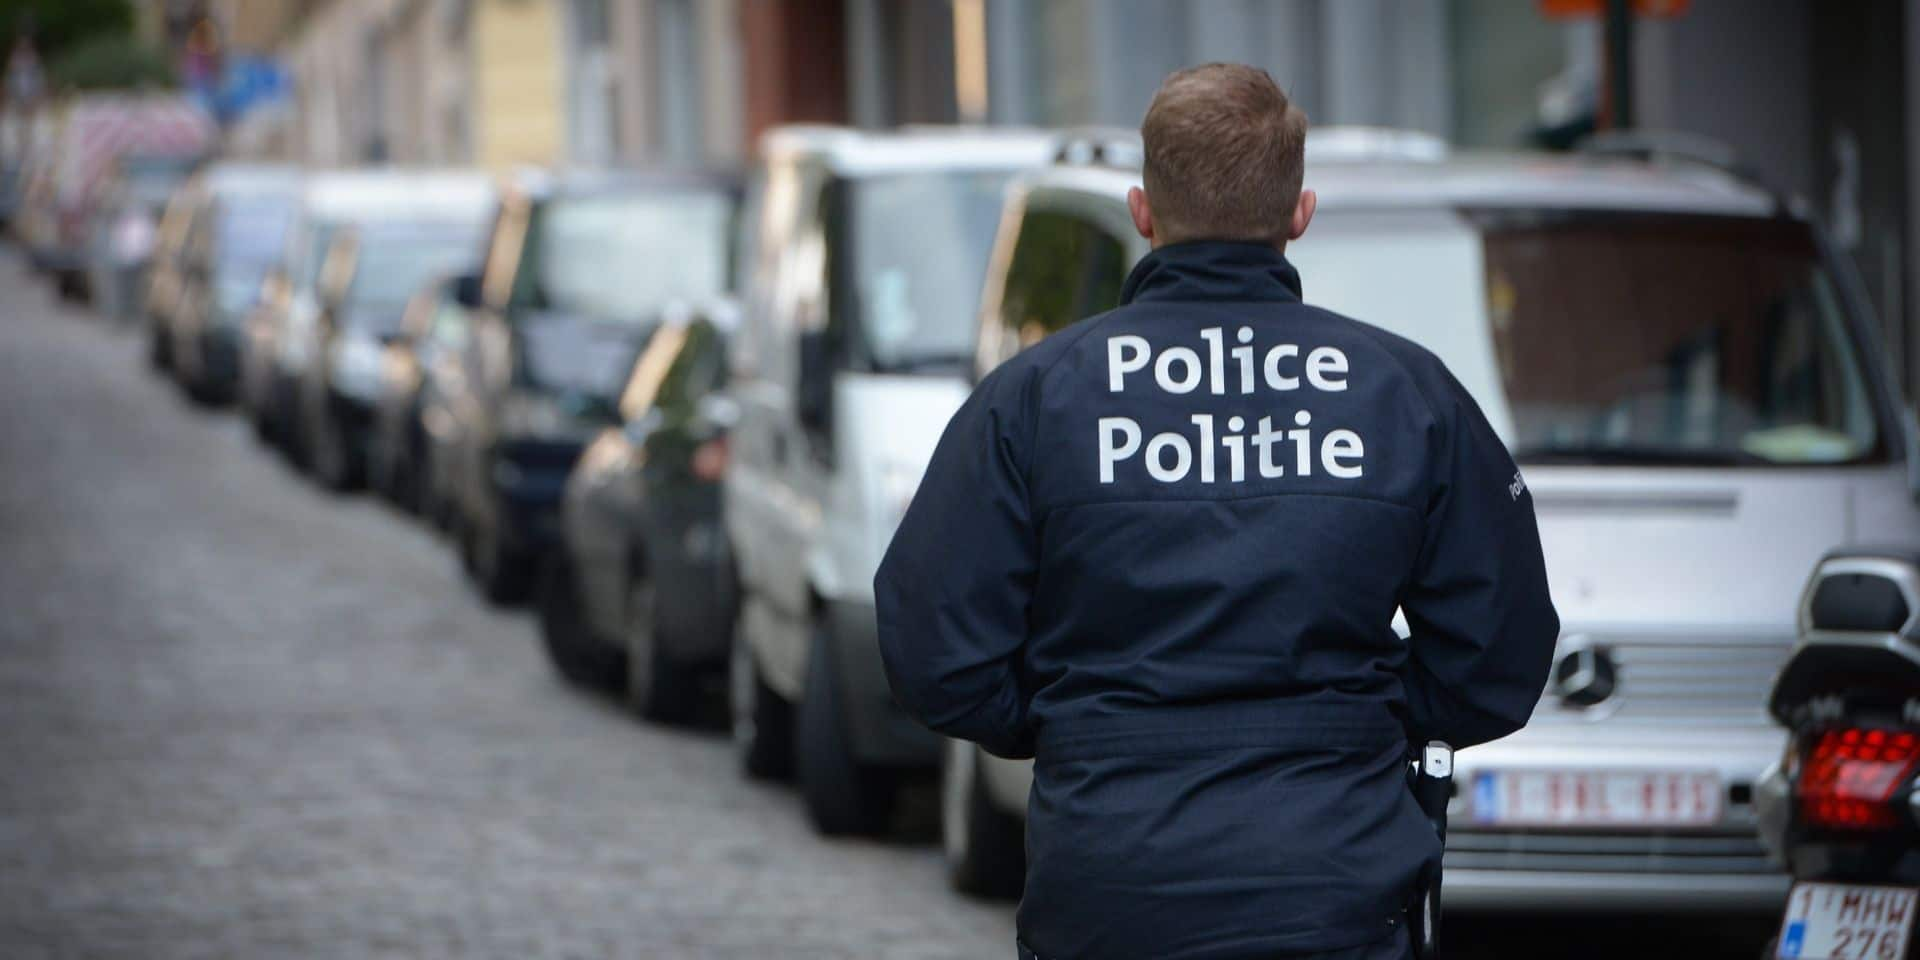 """Le mal-être de la police belge: """"Pas un jour ne passe sans que j'entende des termes du style 'nègre', 'bougnoule'"""""""